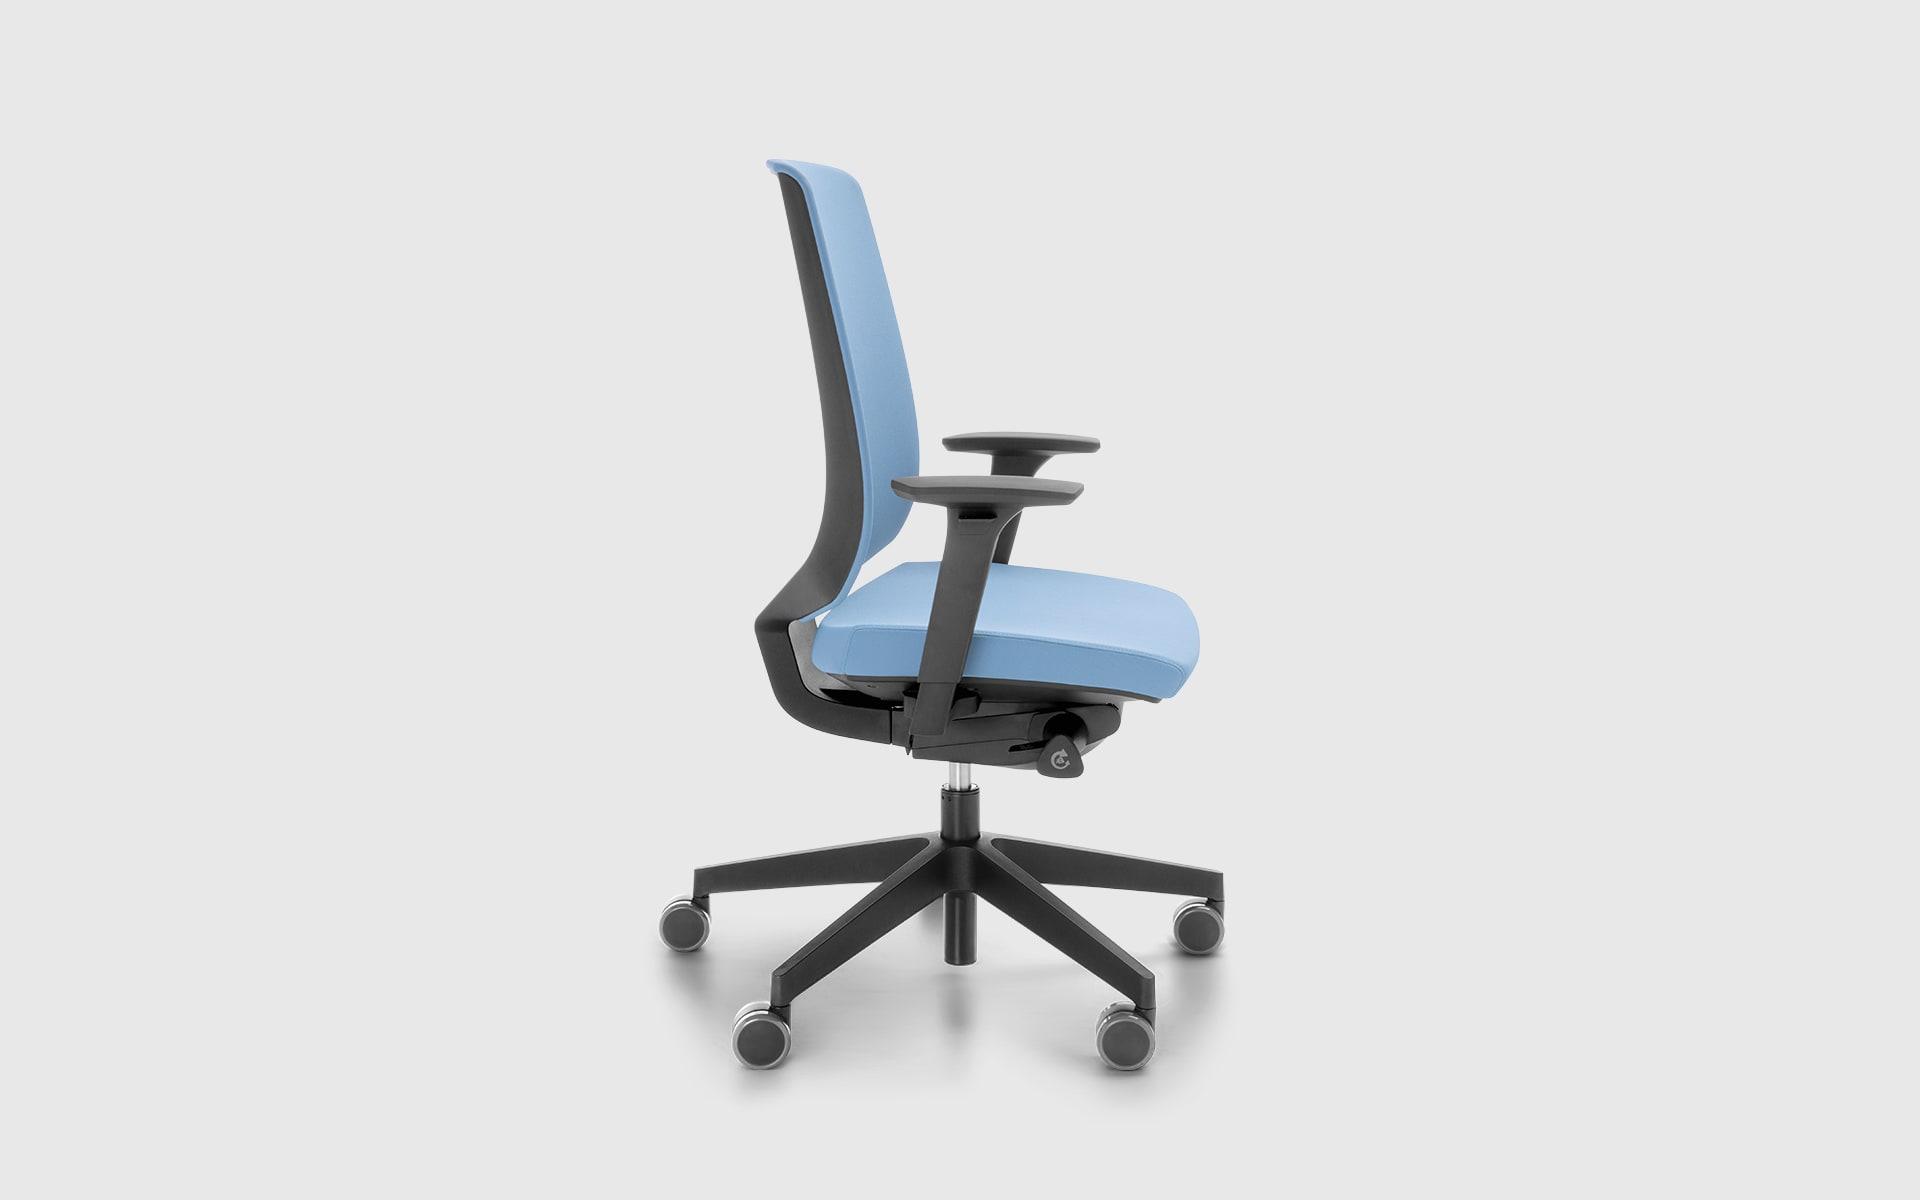 Profim LightUp Bürostuhl von ITO Design mit blauem Polster